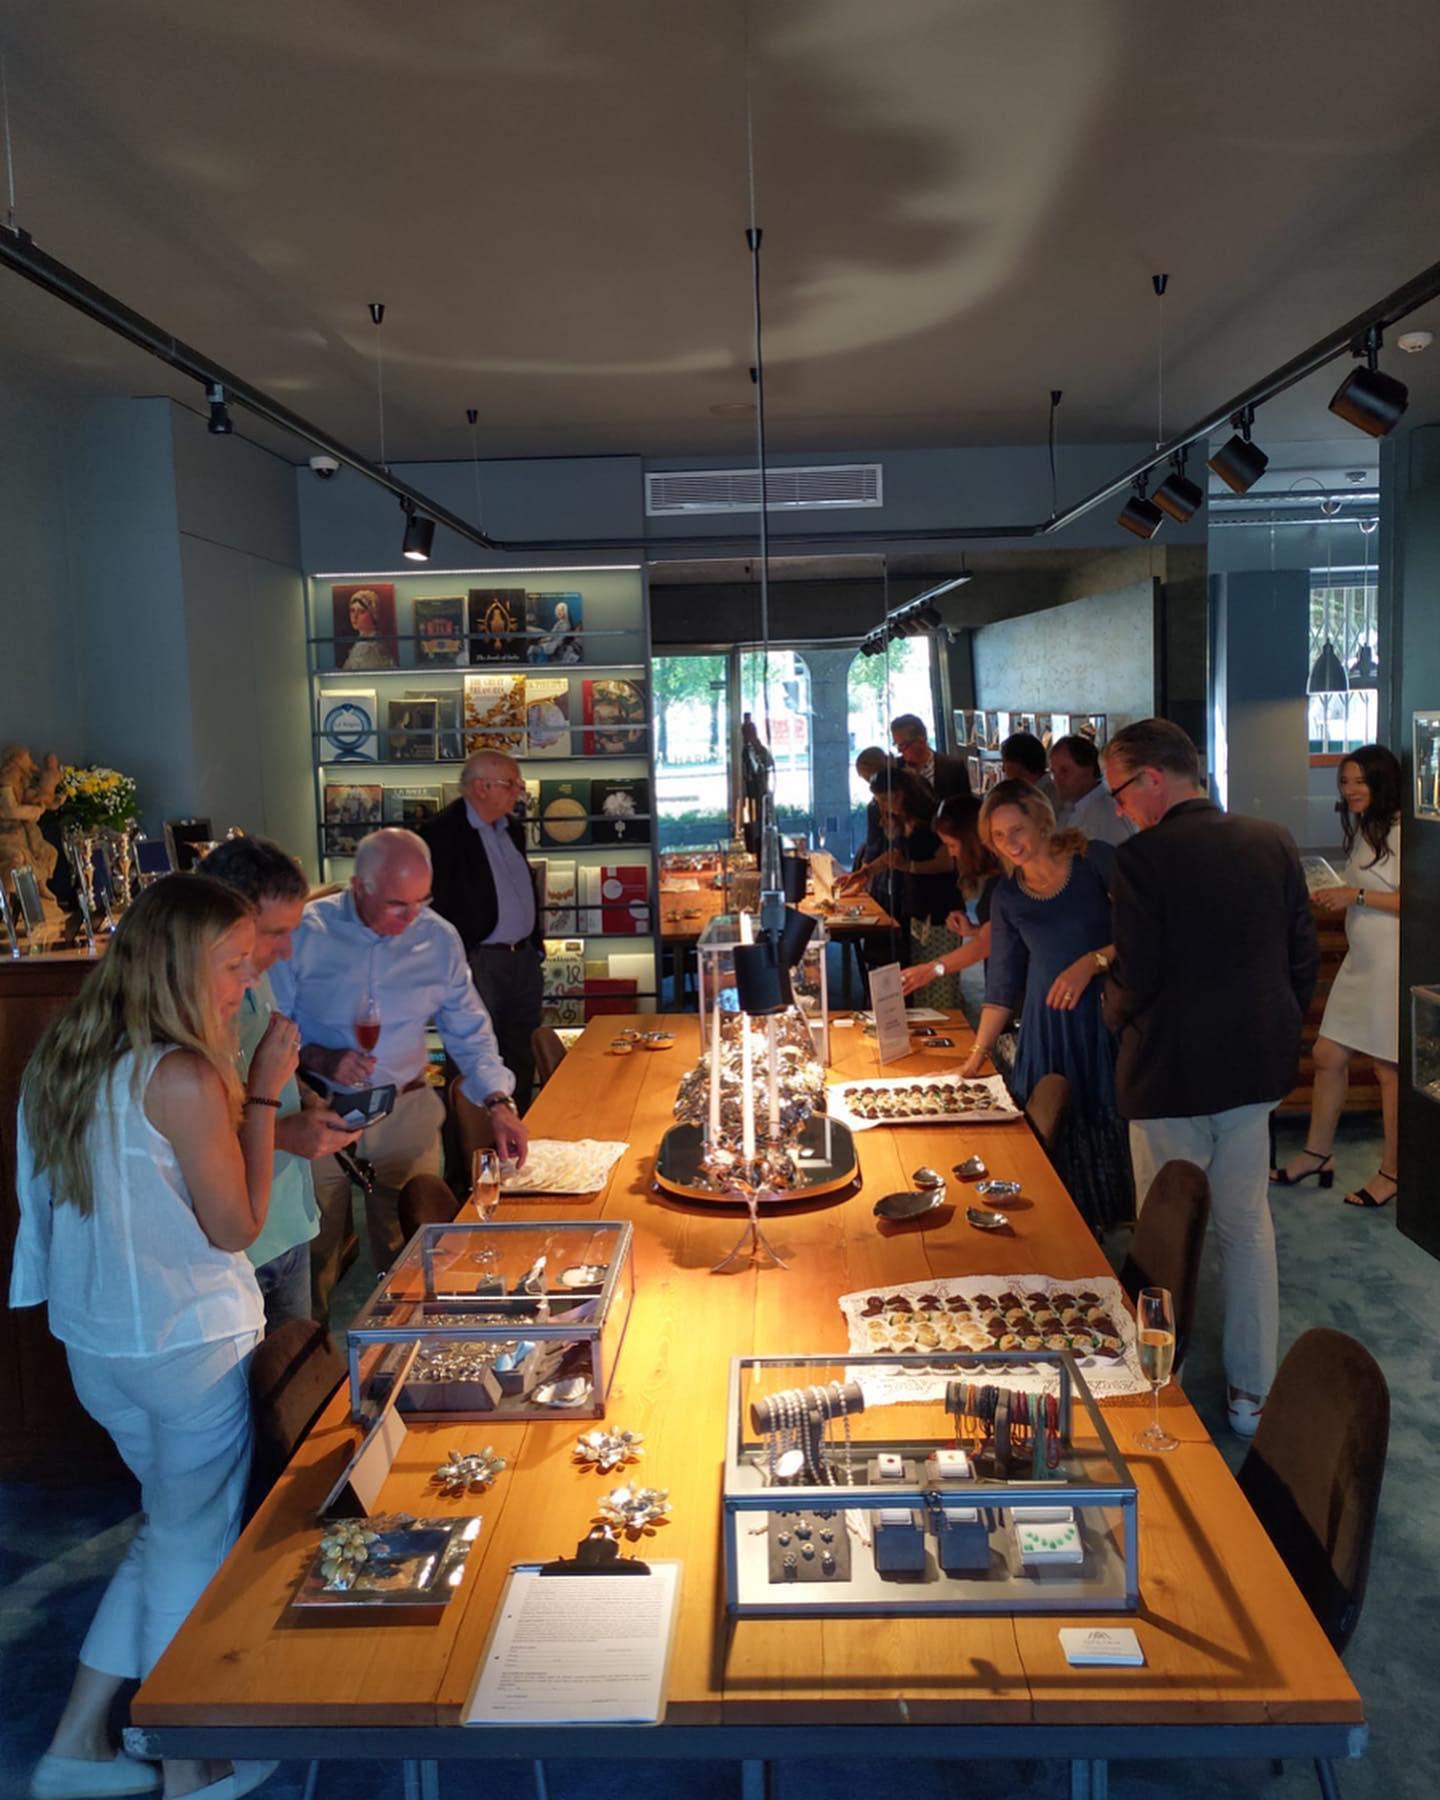 Imagem da notícia: Joalharia Miguel Vaz d' Almada reabre loja no Porto